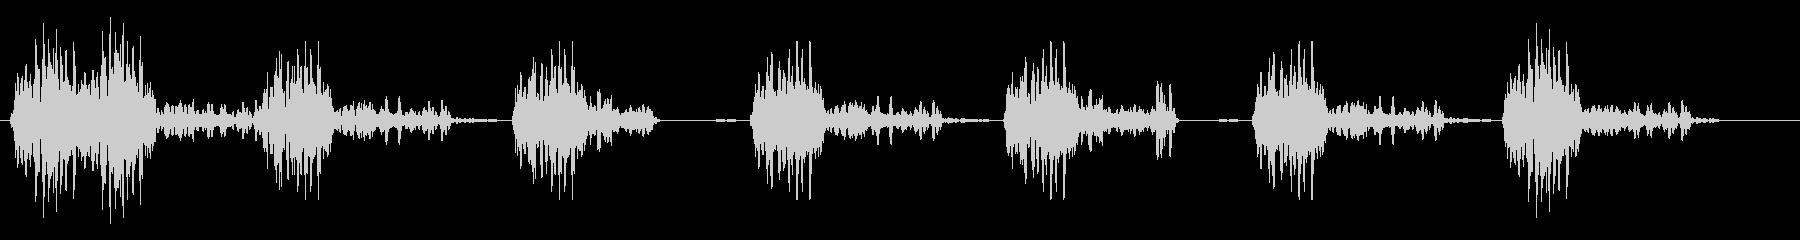 レトロなタイプライターの未再生の波形